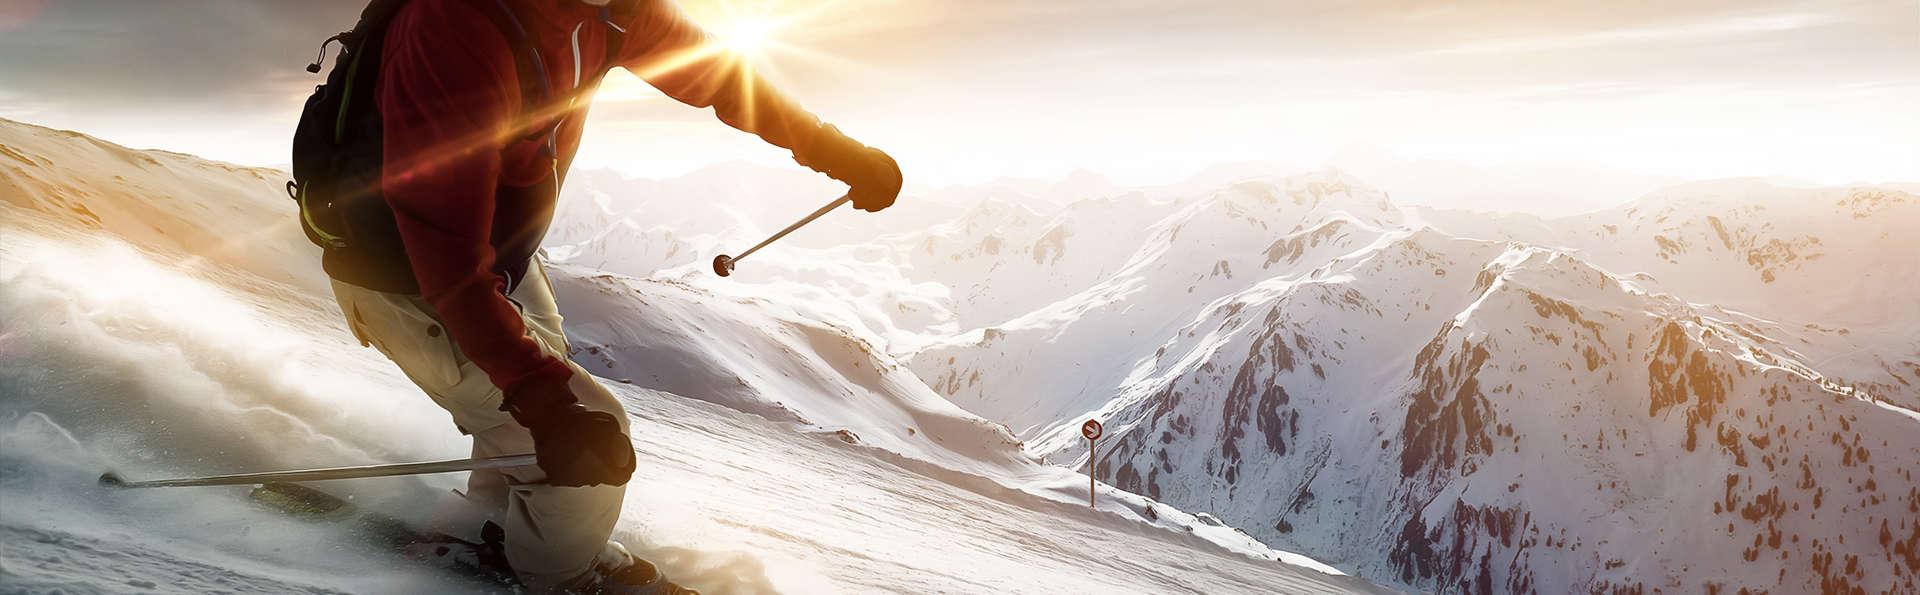 Escapade au coeur des montagnes avec dîner, spa et forfaits de ski, à Valmorel